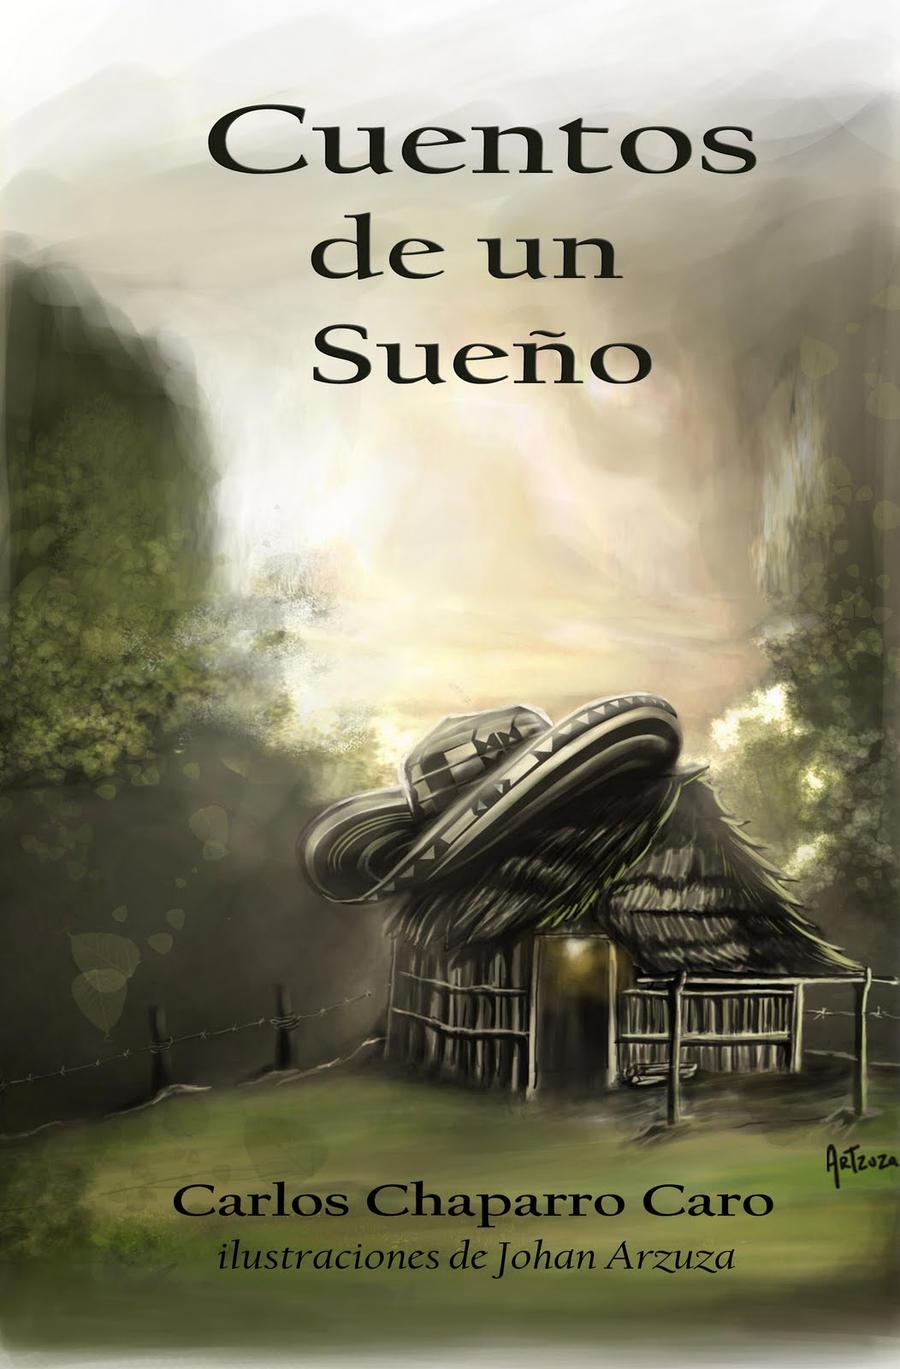 libros de historias portada para libro de cuentos by ... - photo#43